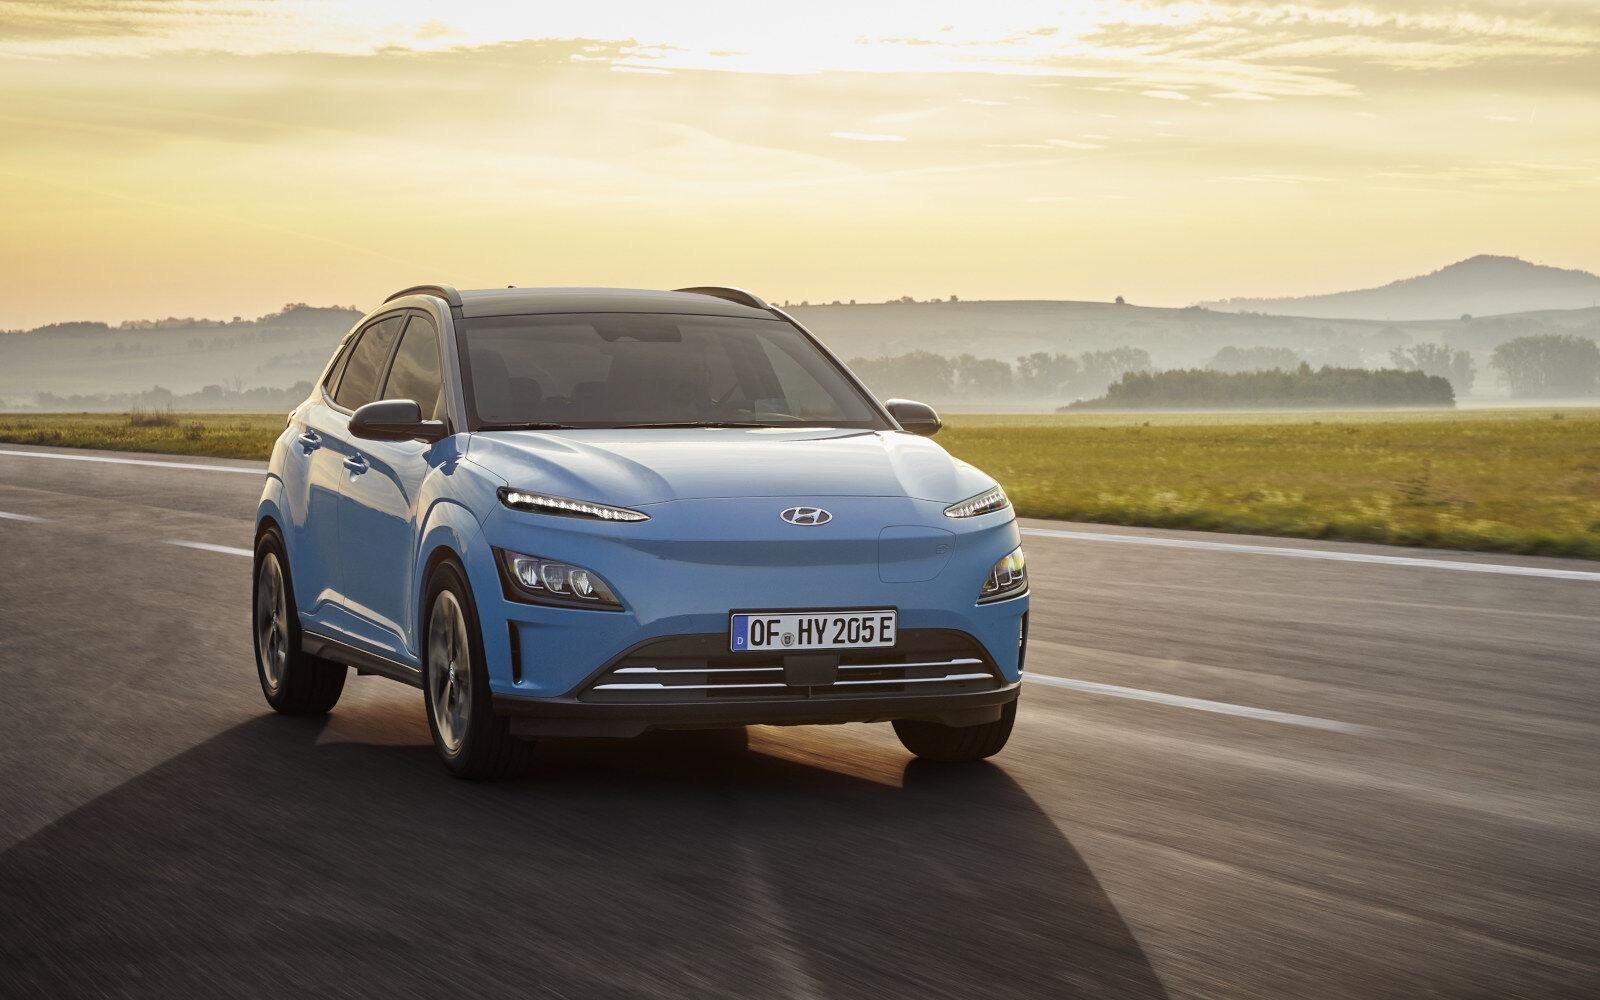 Η Hyundai αντιμετωπίζει αγωγές λόγω προβλήματος με την μπαταρία Kona Electric